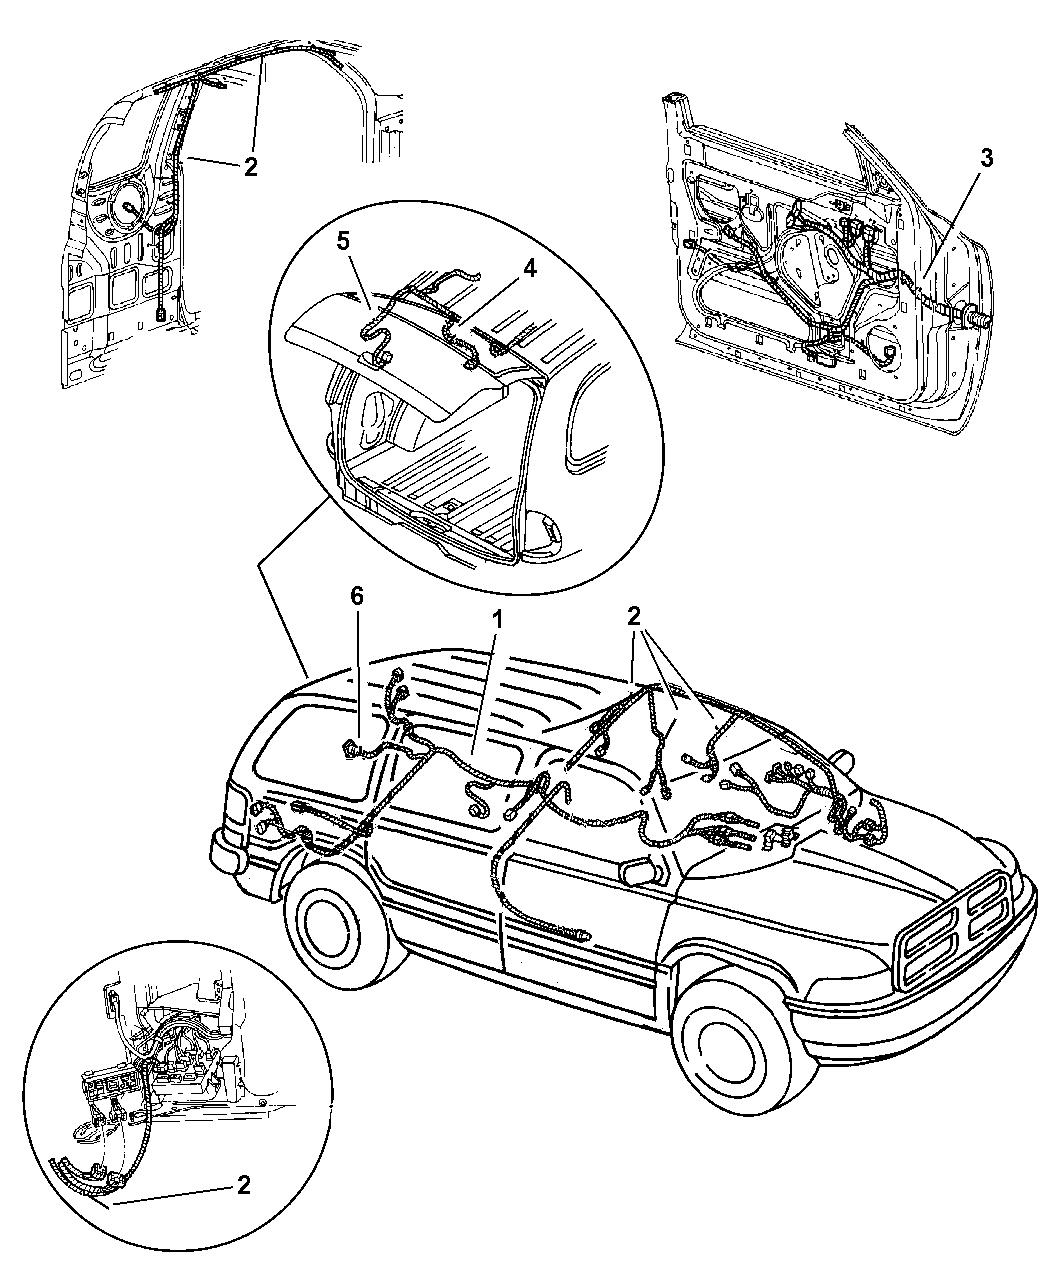 1999 Dodge Durango Wiring Body Accessories